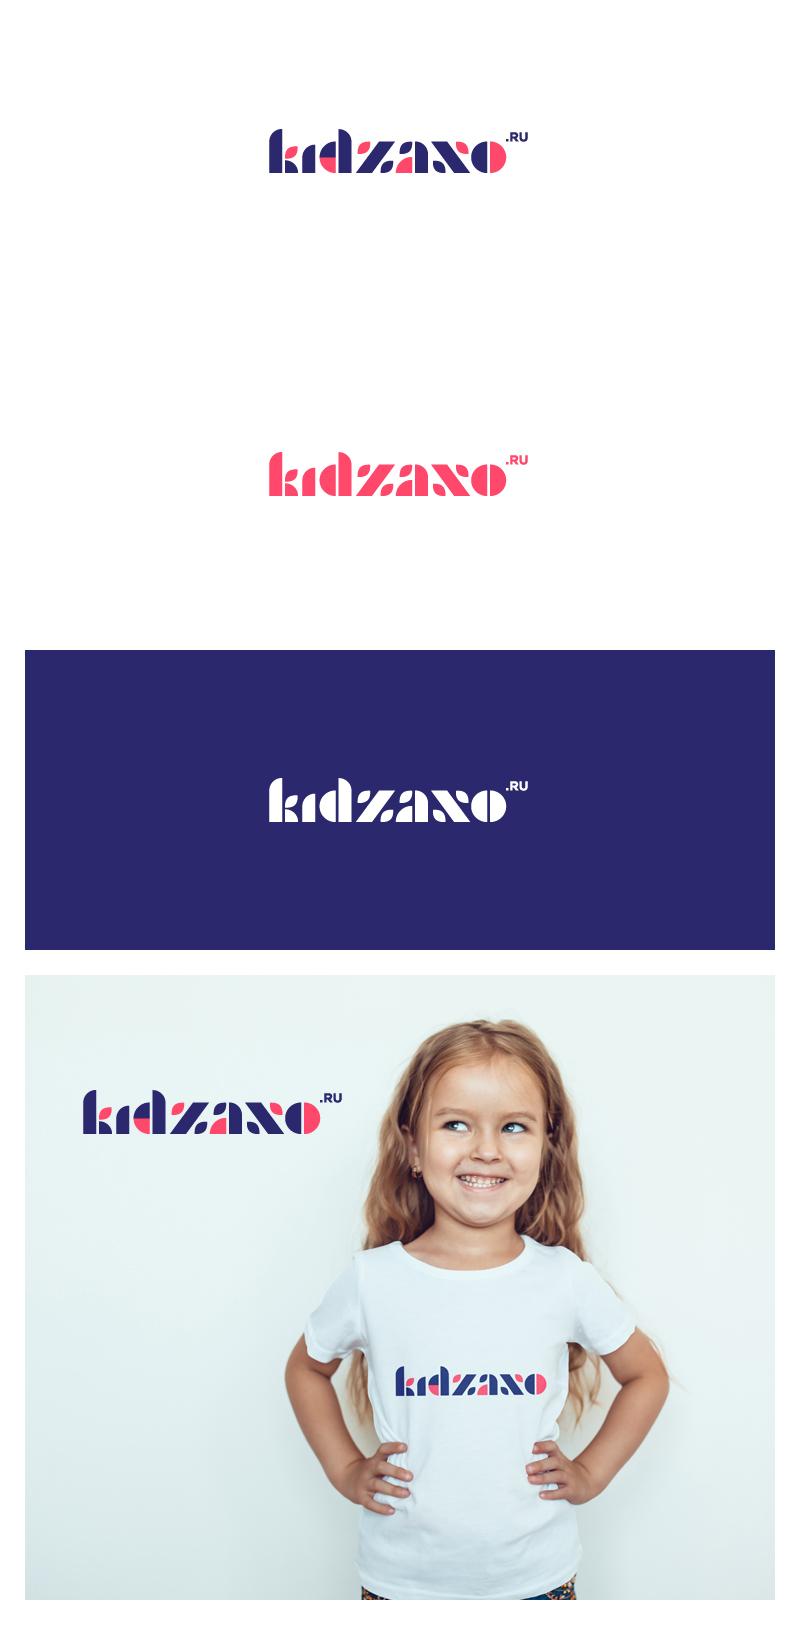 Kidzano